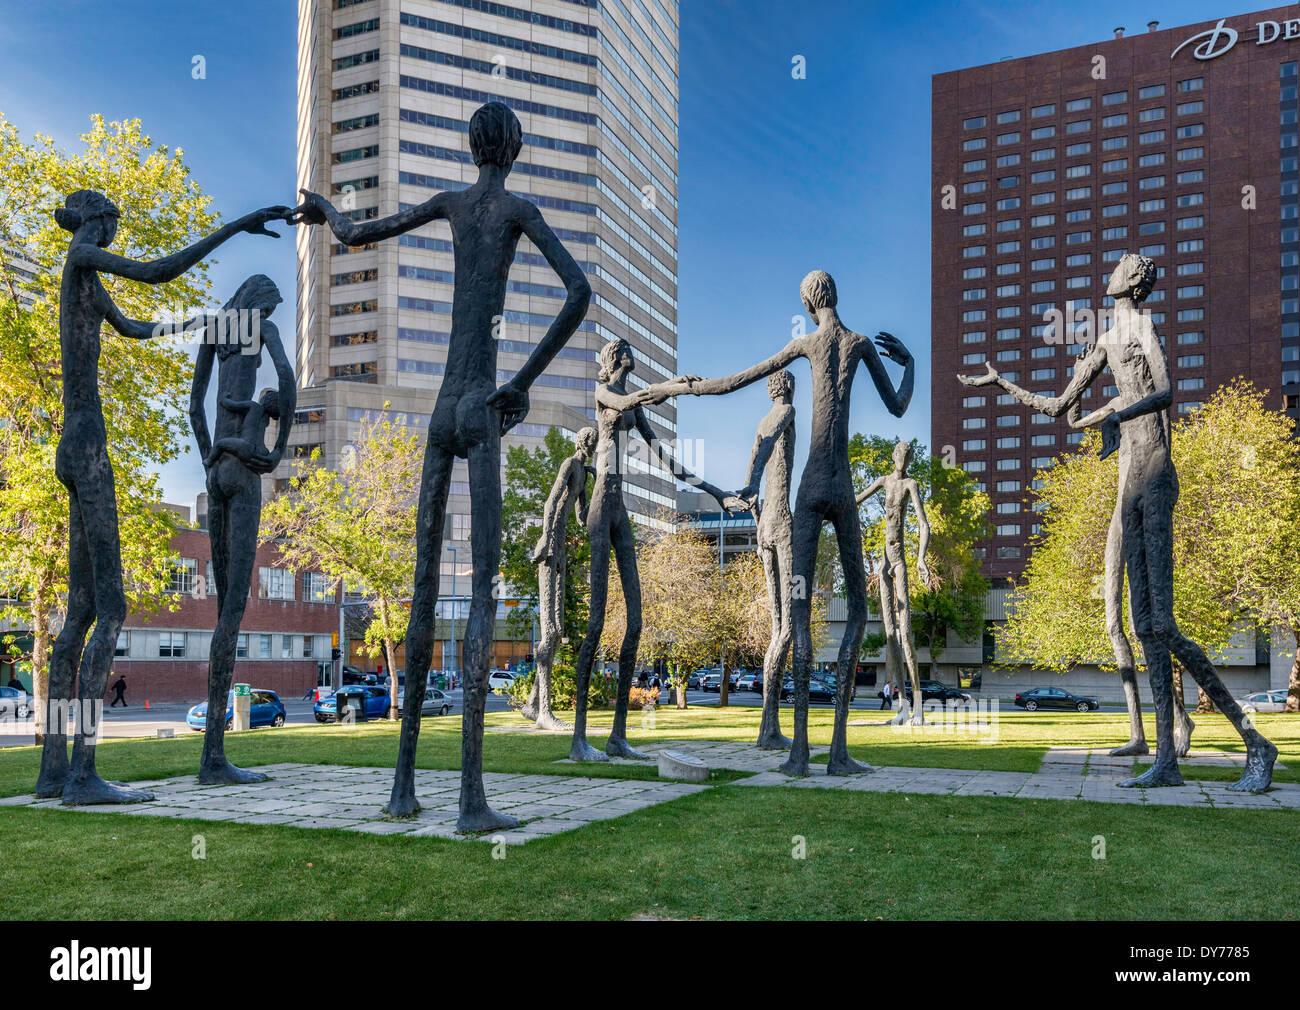 Der Familienvater, Skulpturen von Mario Armengol in der Innenstadt von Calgary, Alberta, Kanada Stockbild